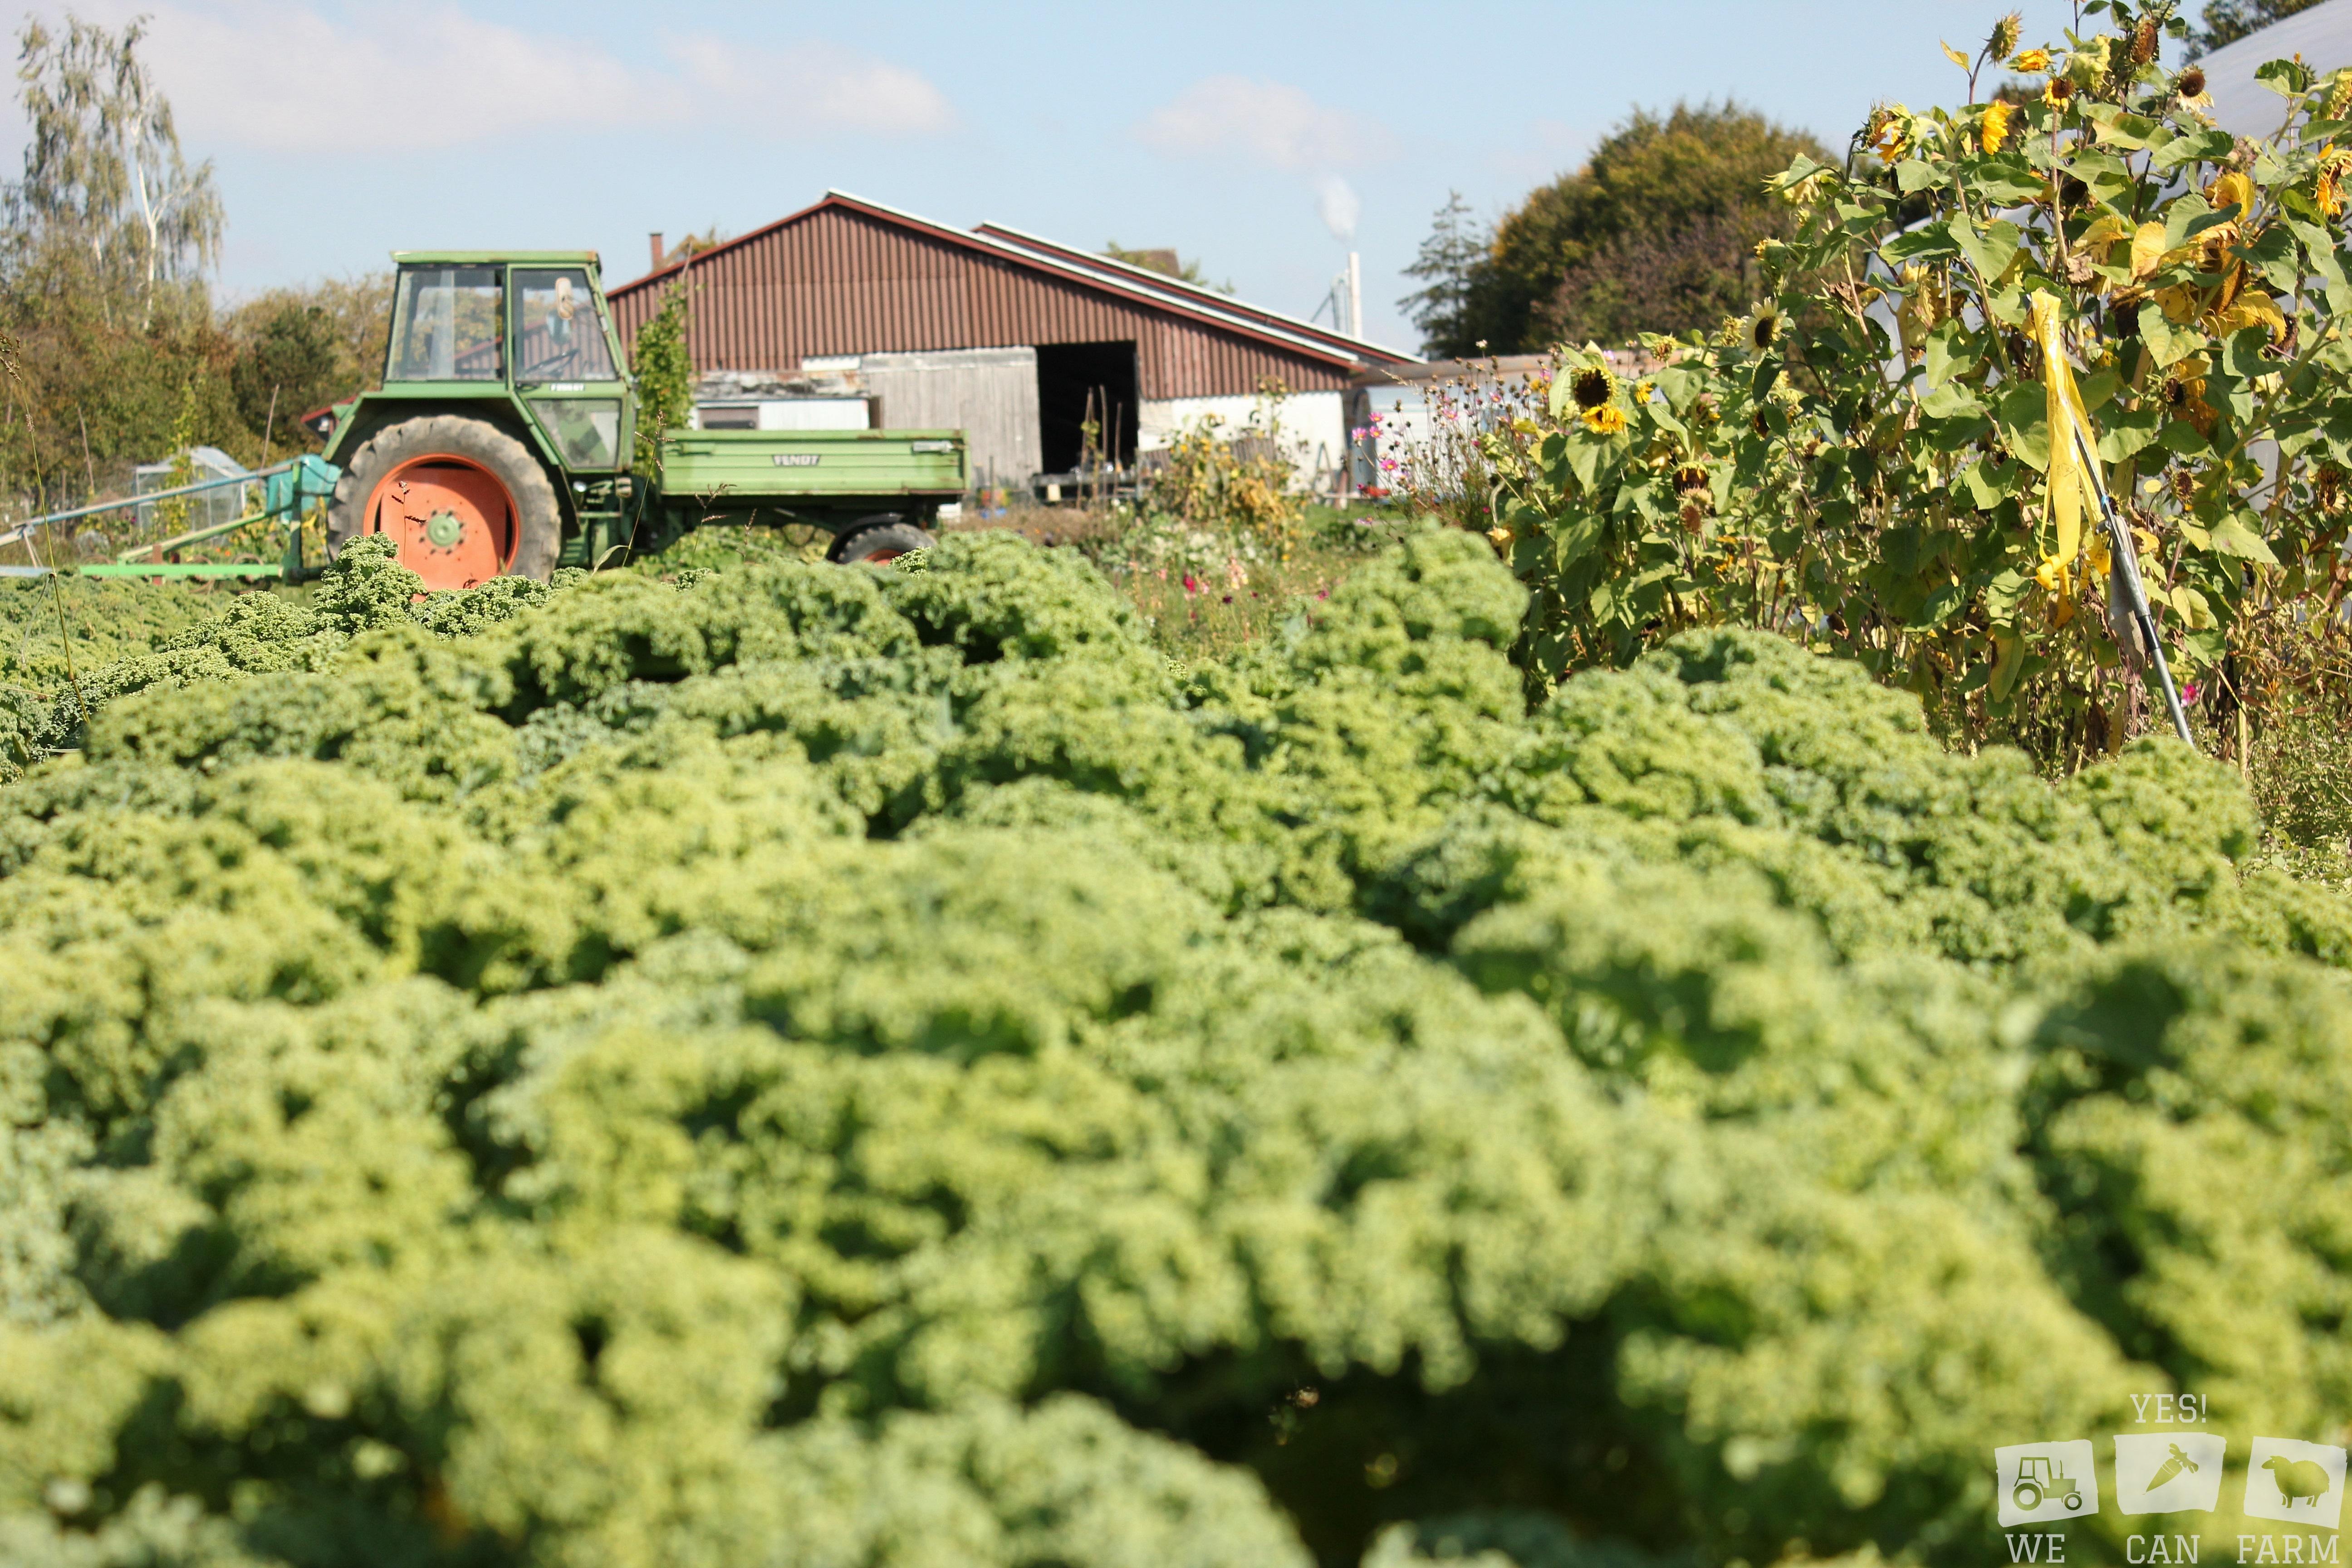 Solidarische Landwirtschaft Ravensburg